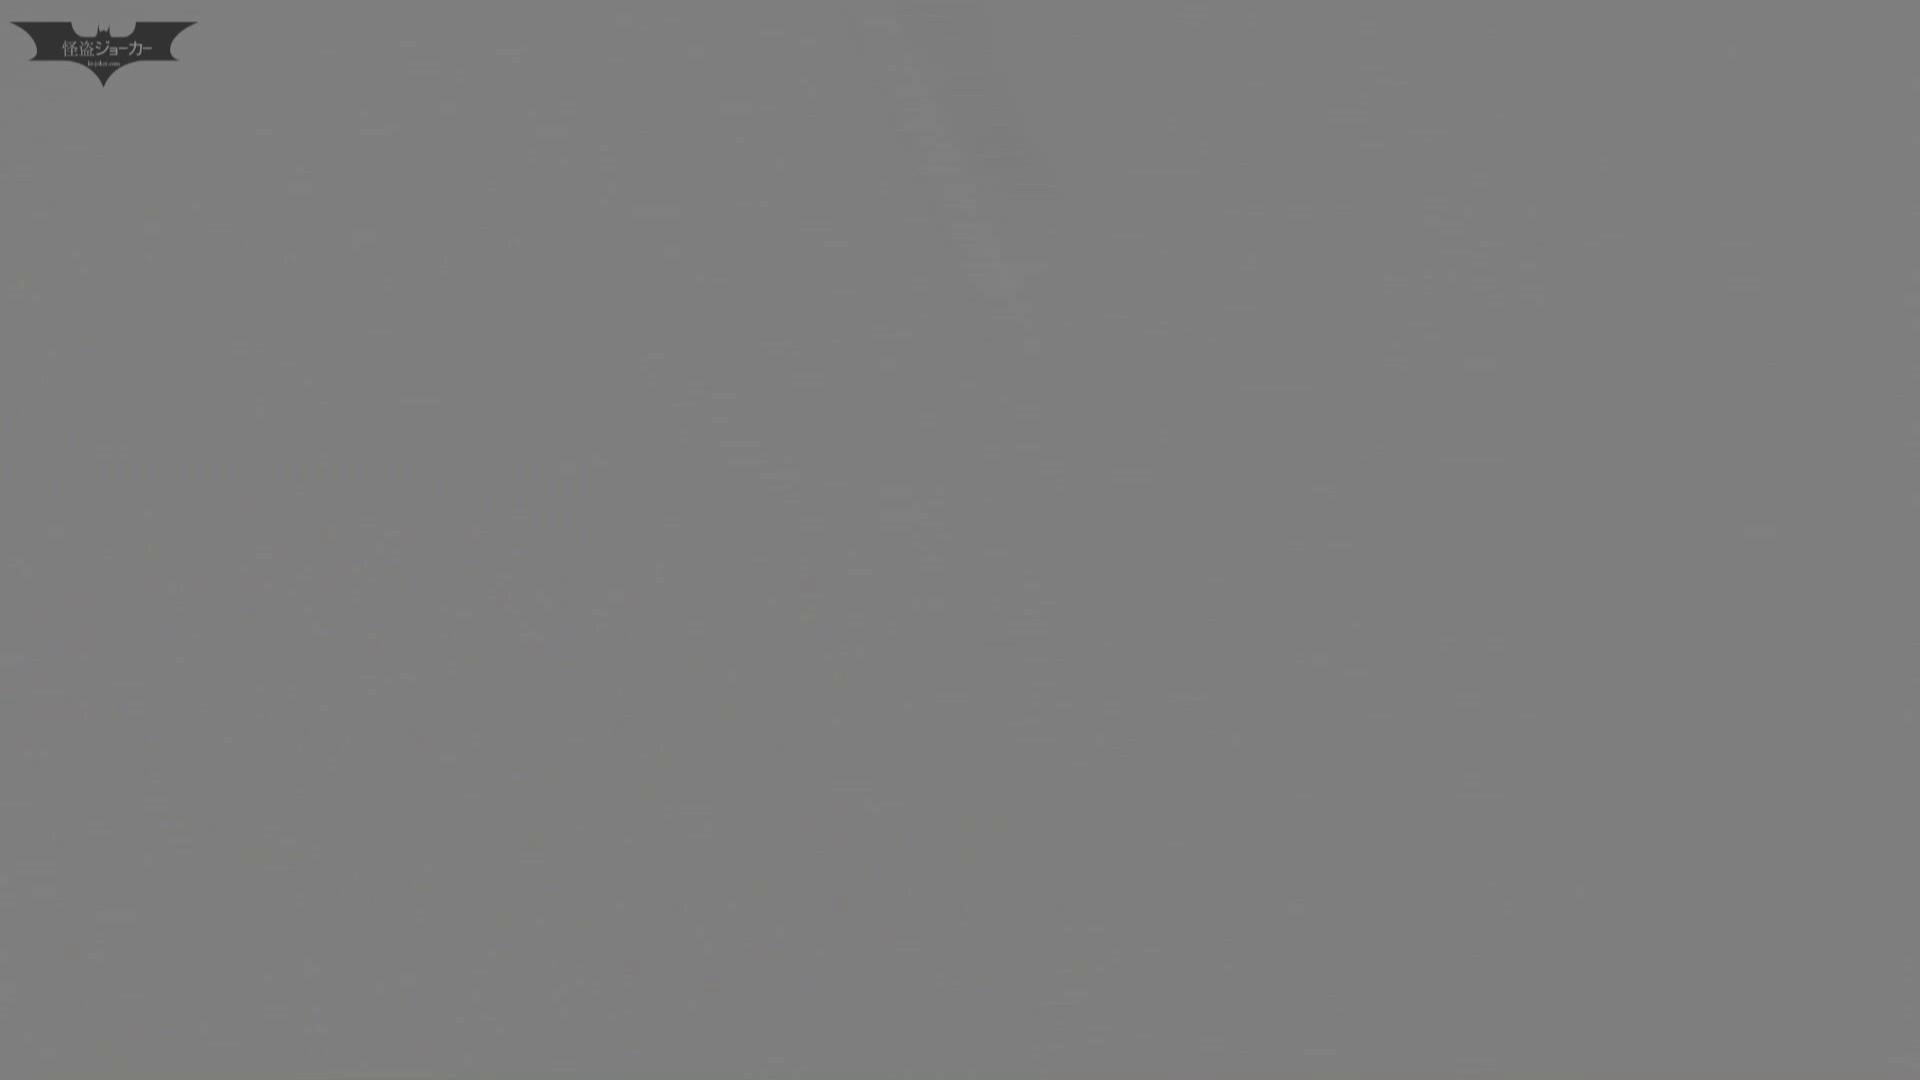 お銀 vol.65 美女を撮るためにみんなの前に割り込む!! 洗面所 オメコ動画キャプチャ 109pic 43